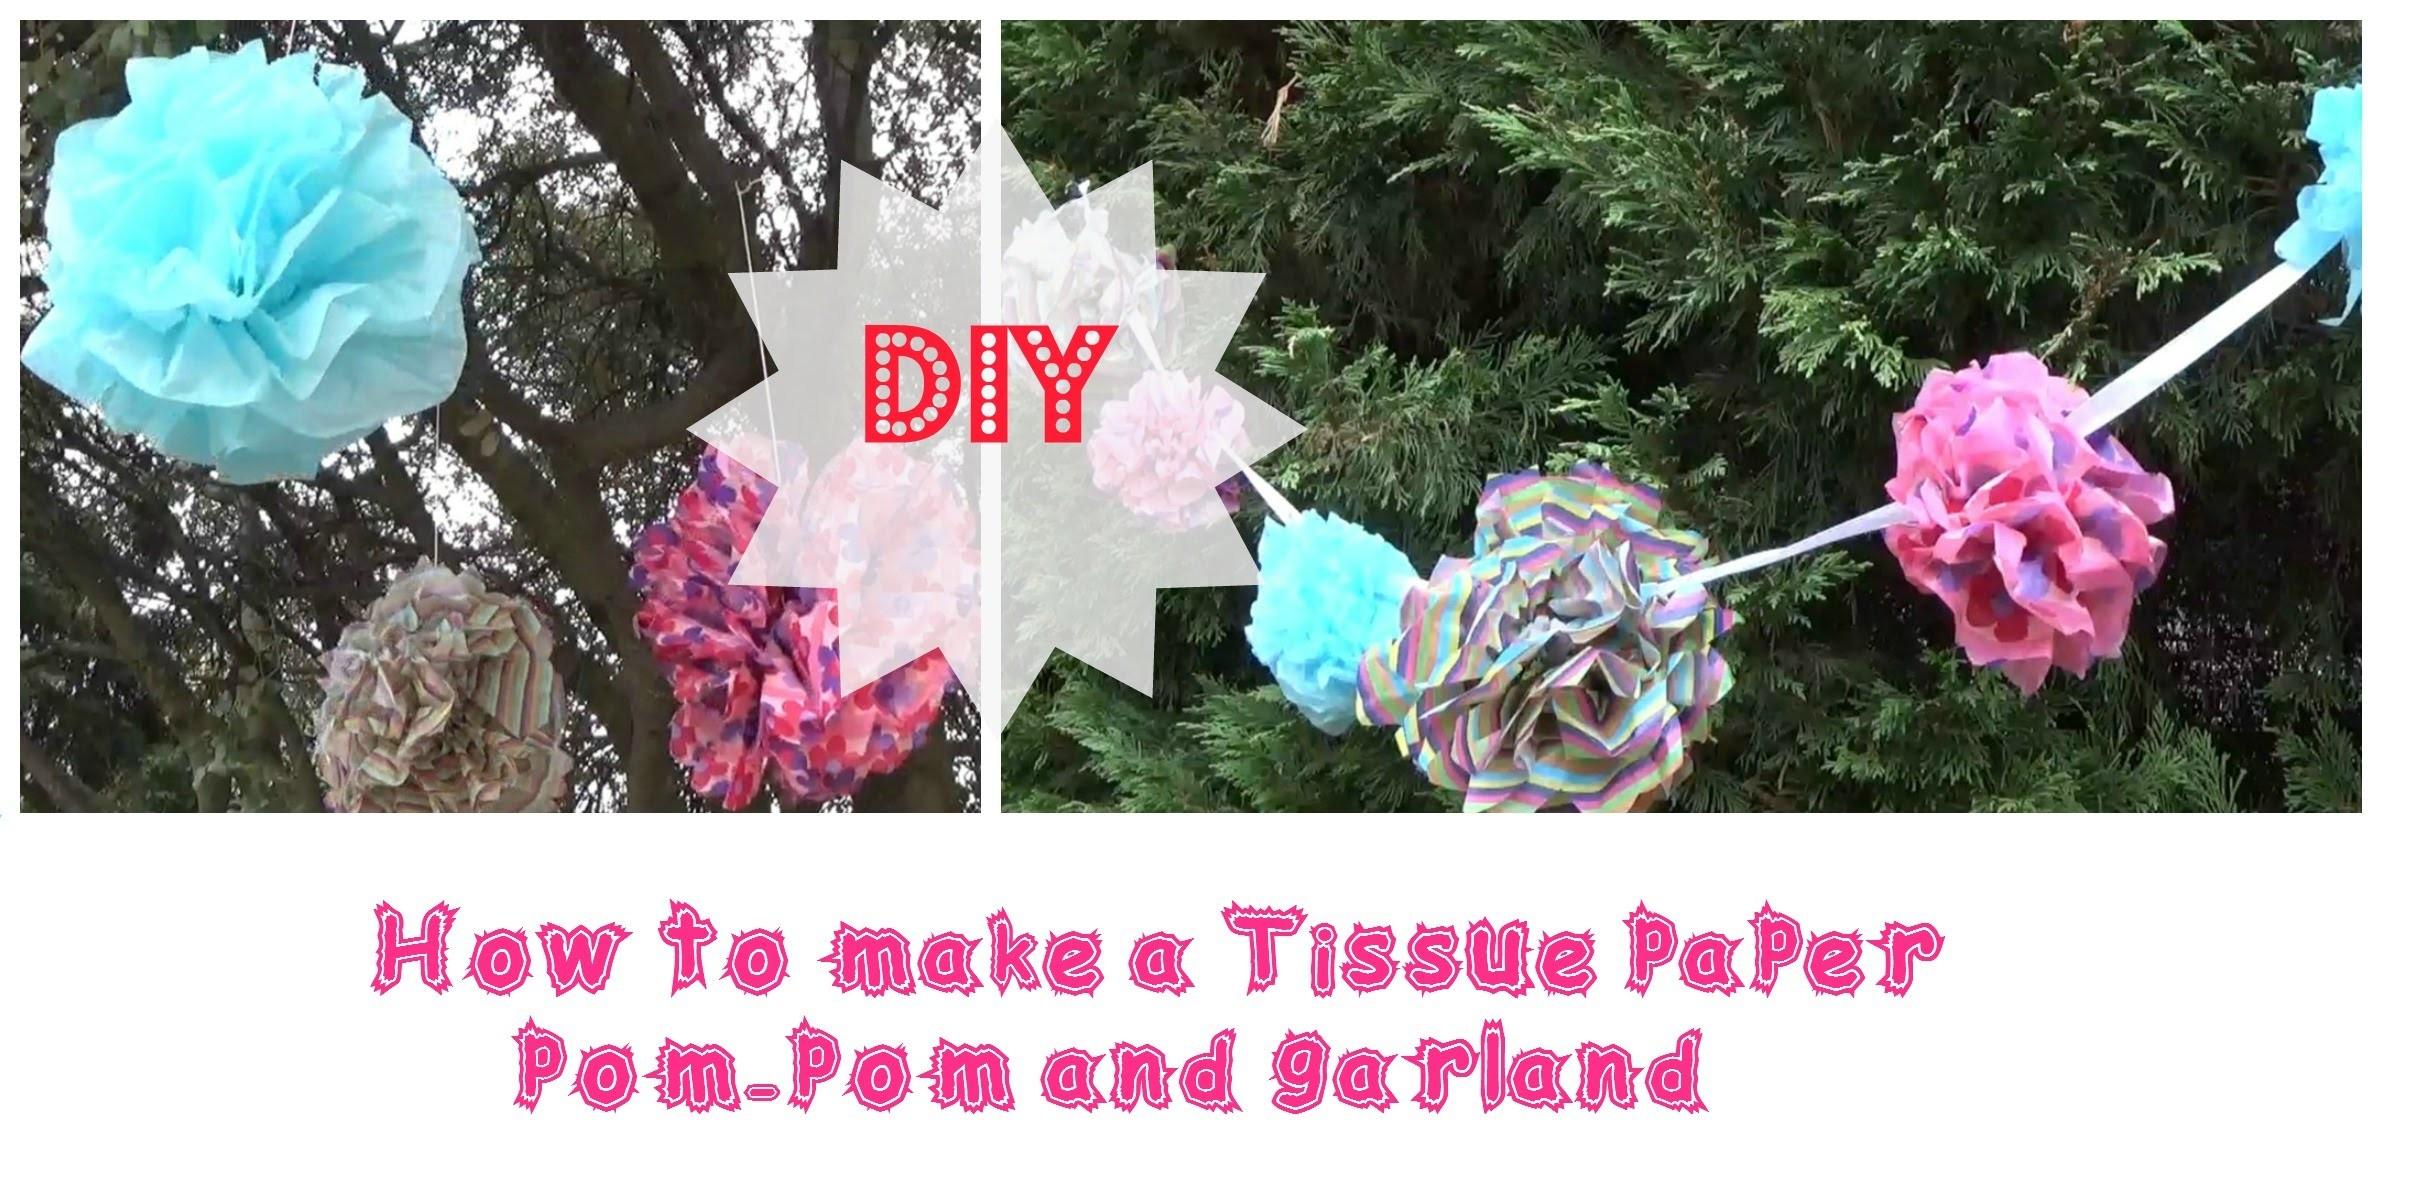 DIY Tissue paper pom pom and garland- DIY pompones y guirnaldas de papel de seda